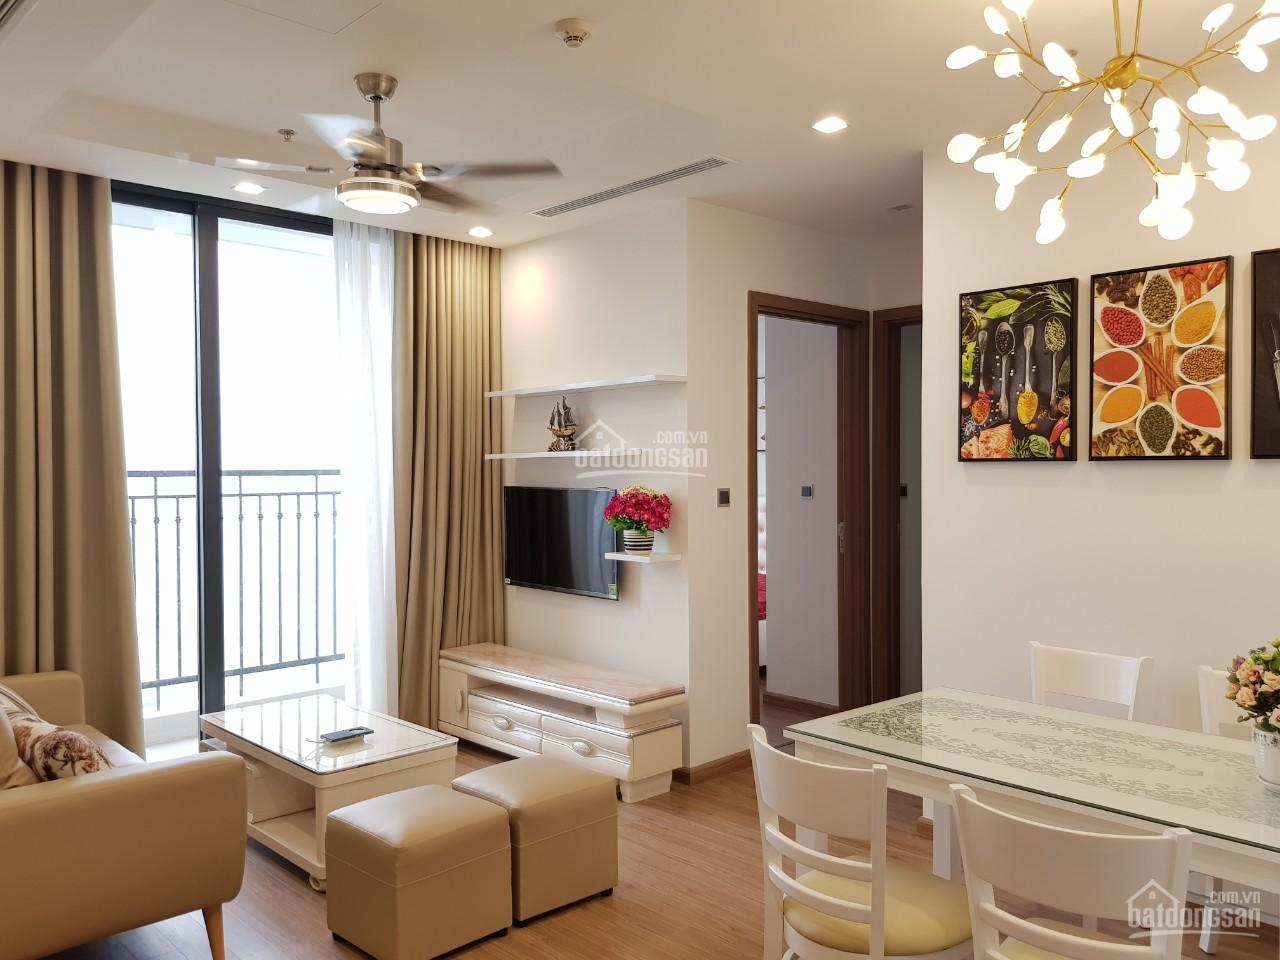 Bql vinhome greenbay mễ trì cho thuê căn hộ 1pn - 2pn  giá 6.5tr/tháng lh: